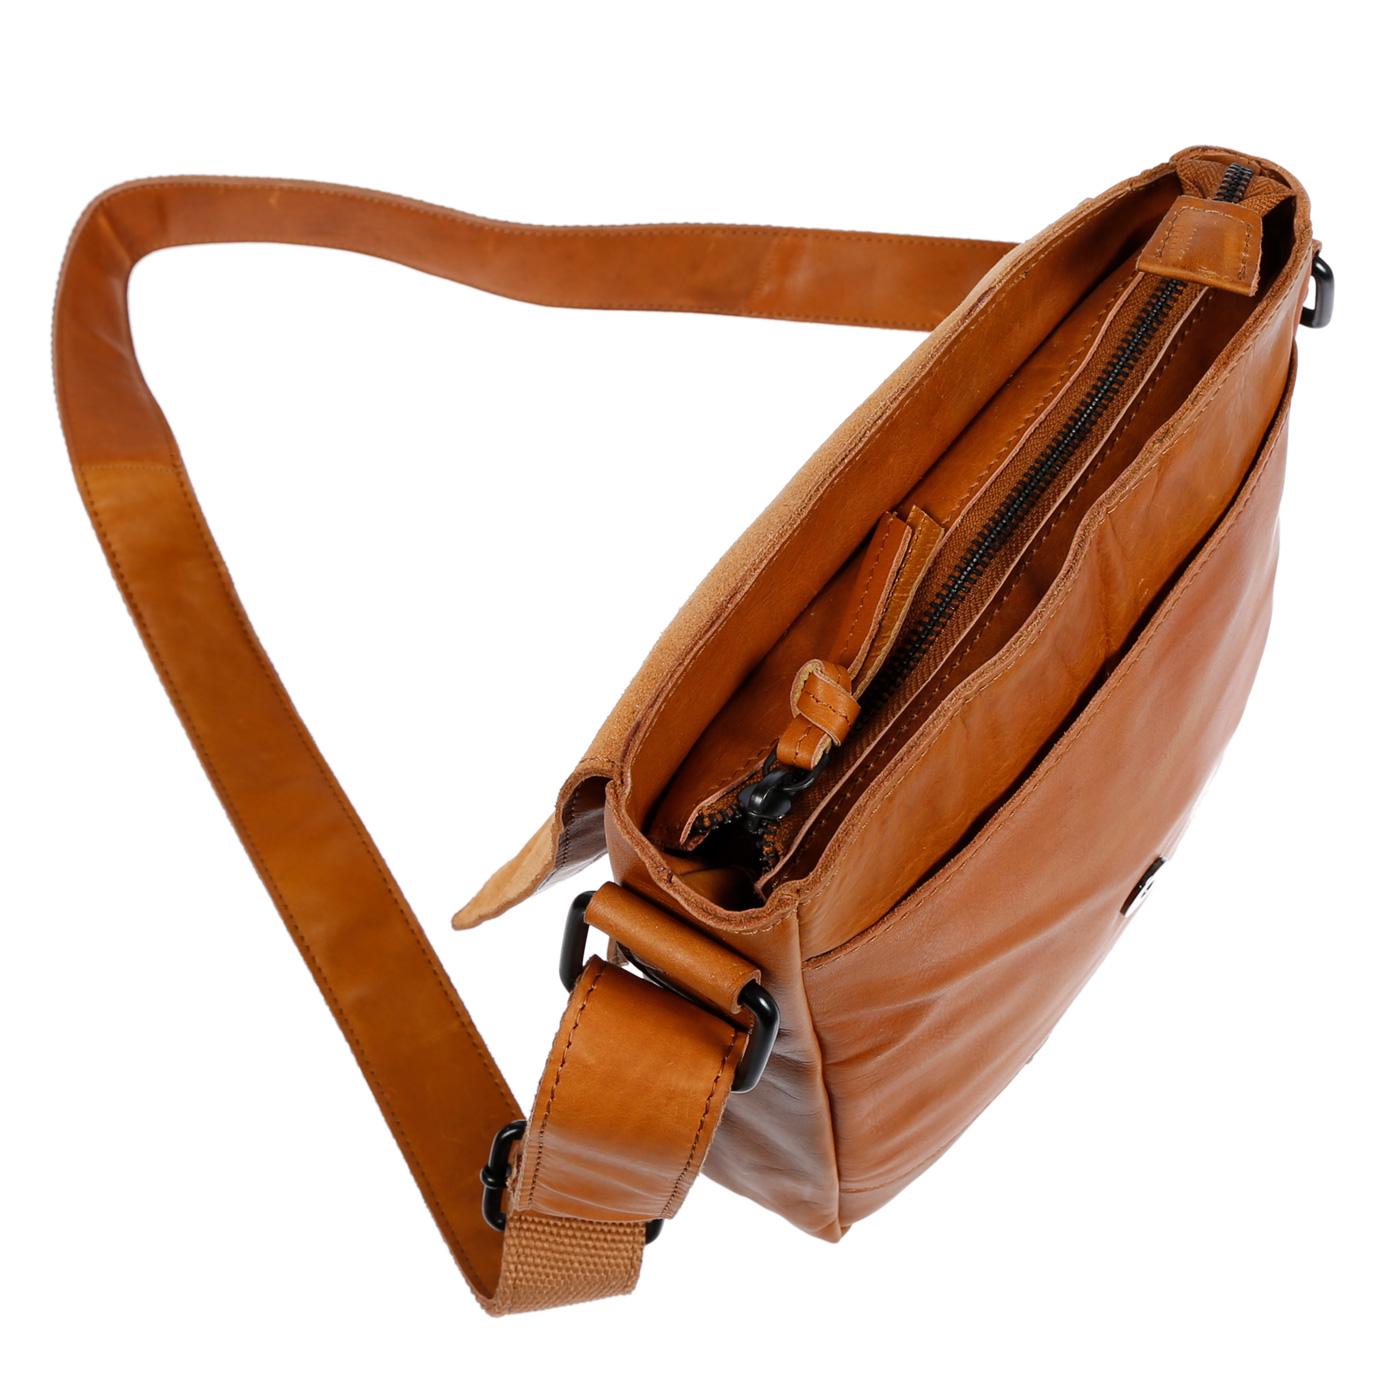 Echt-Leder-Herren-Damen-Umhaengetasche-Tasche-RFID-Schutz-Schultertasche-Umhaenger Indexbild 31